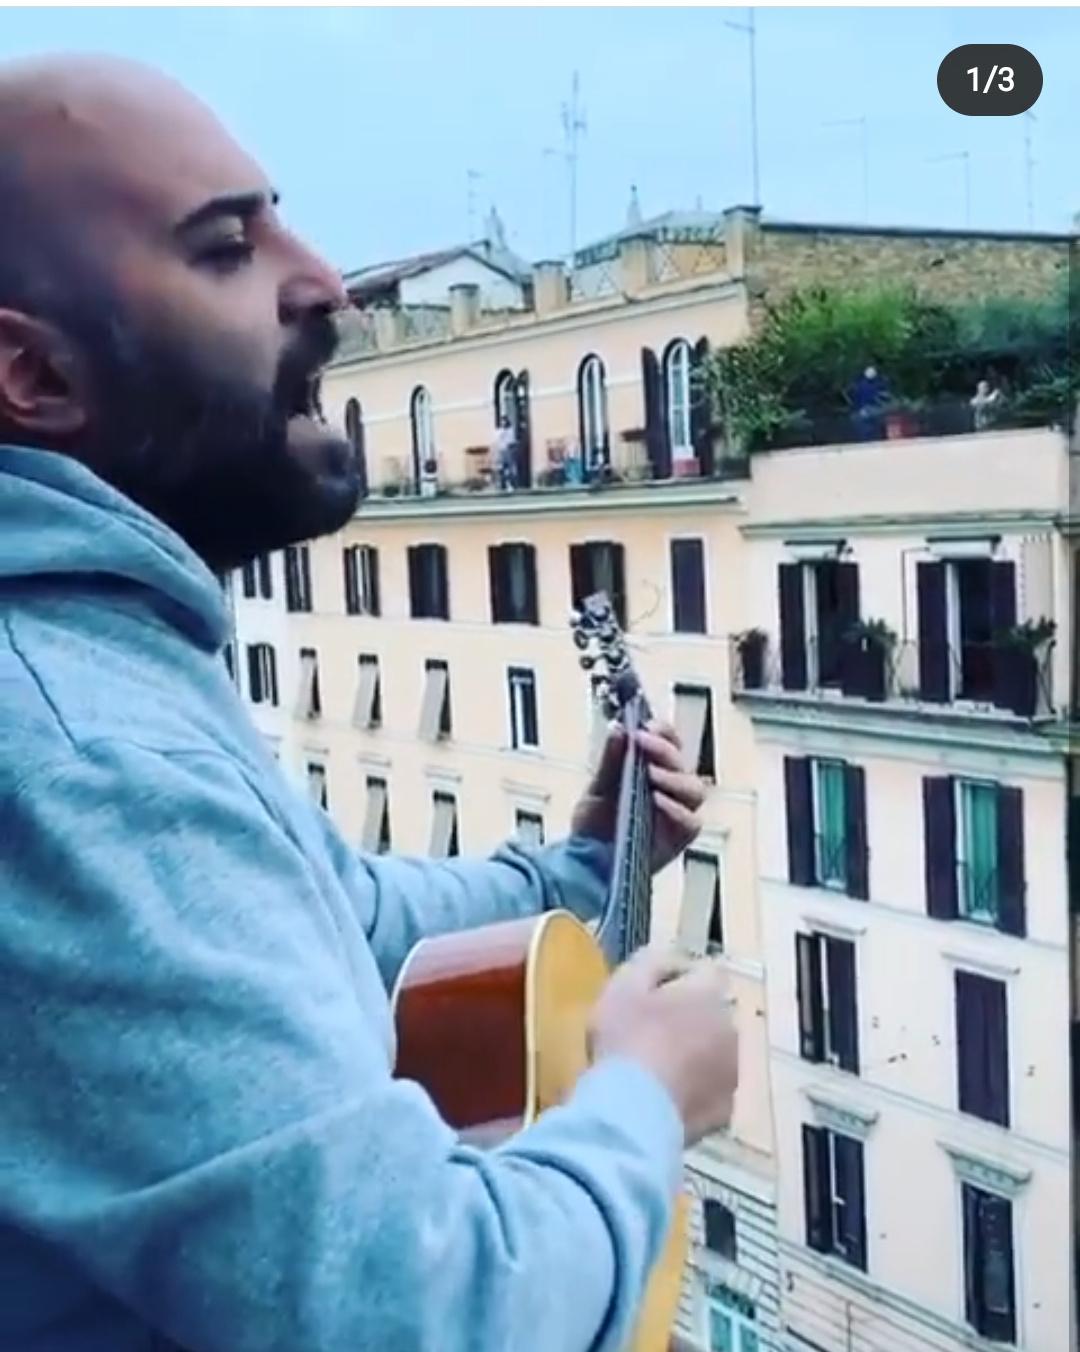 Coronavirus, Giuliano Sangiorgi esce sul balcone a cantare una canzone e guardate cosa succede (video)